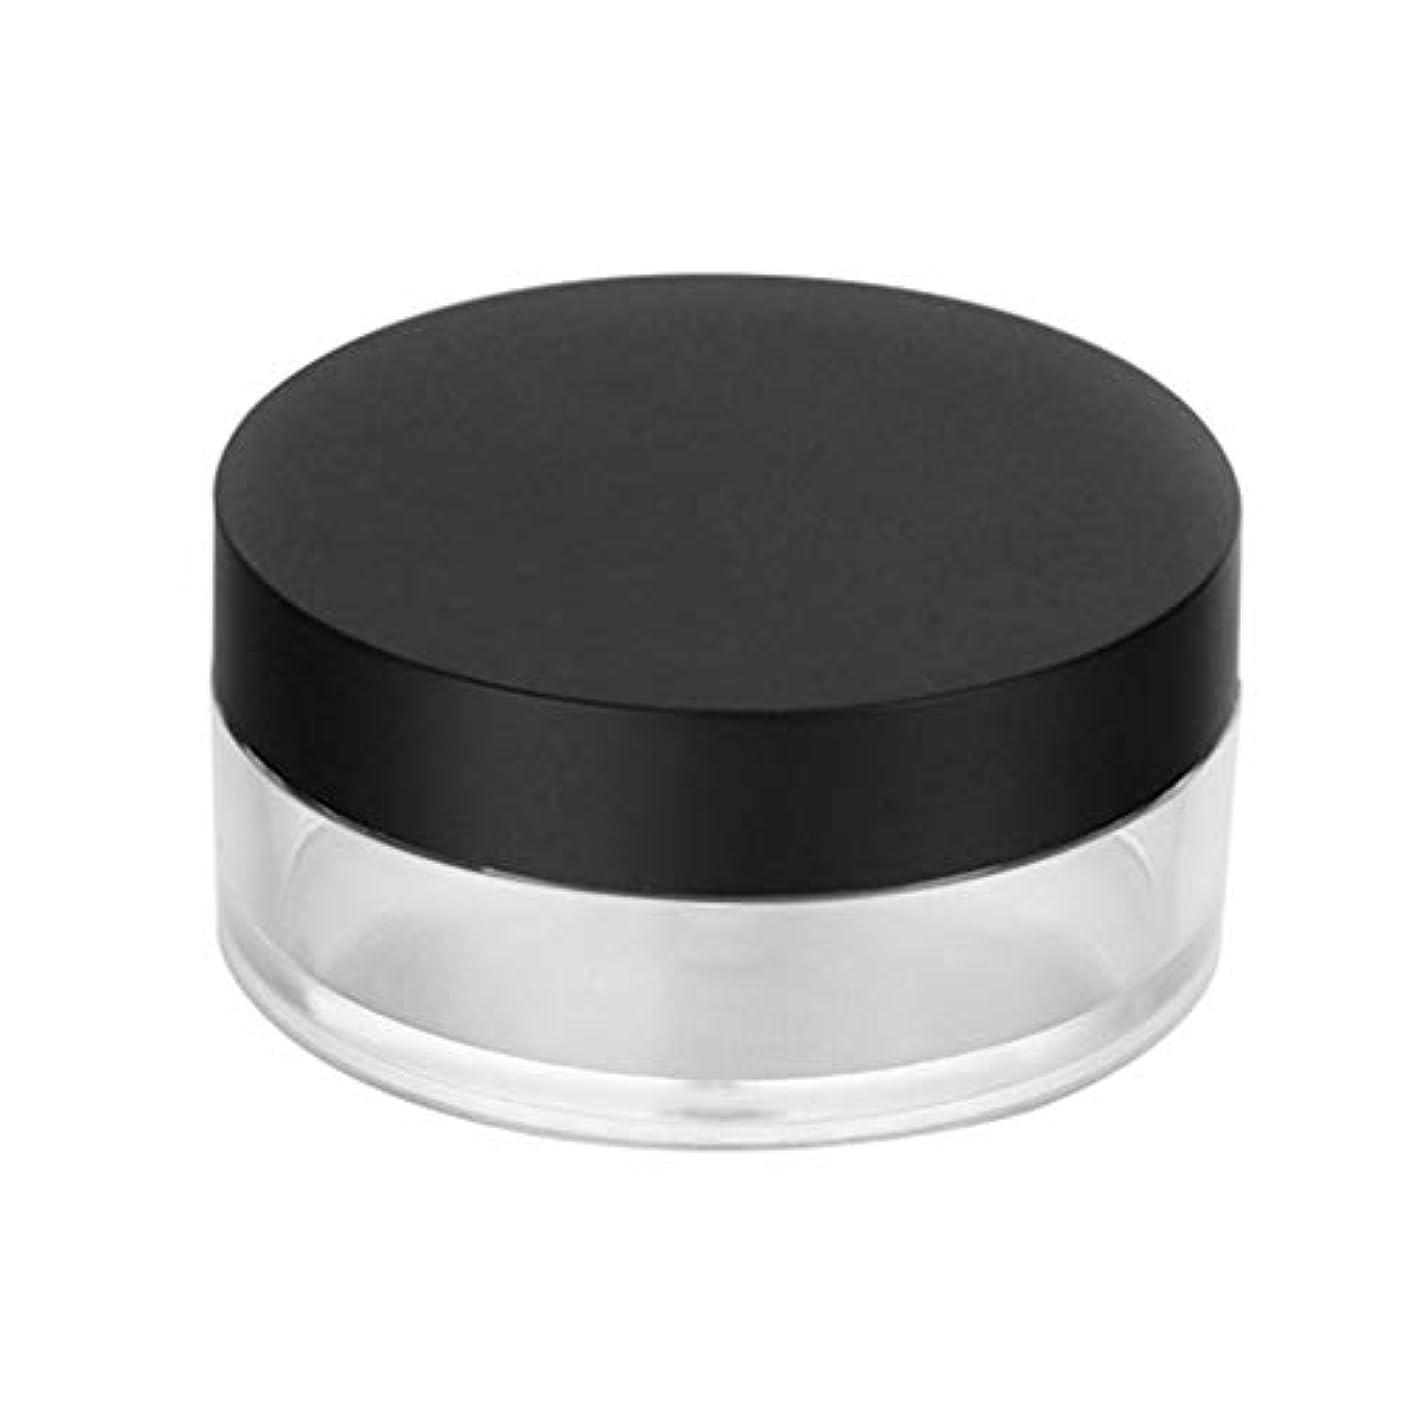 鎮静剤ゴム銀行Frcolor パウダーケース パウダー容器 中栓付き 20G 携帯用 手作り 詰替え容器 小分けボトル ミラー付き(ブラックフタ)